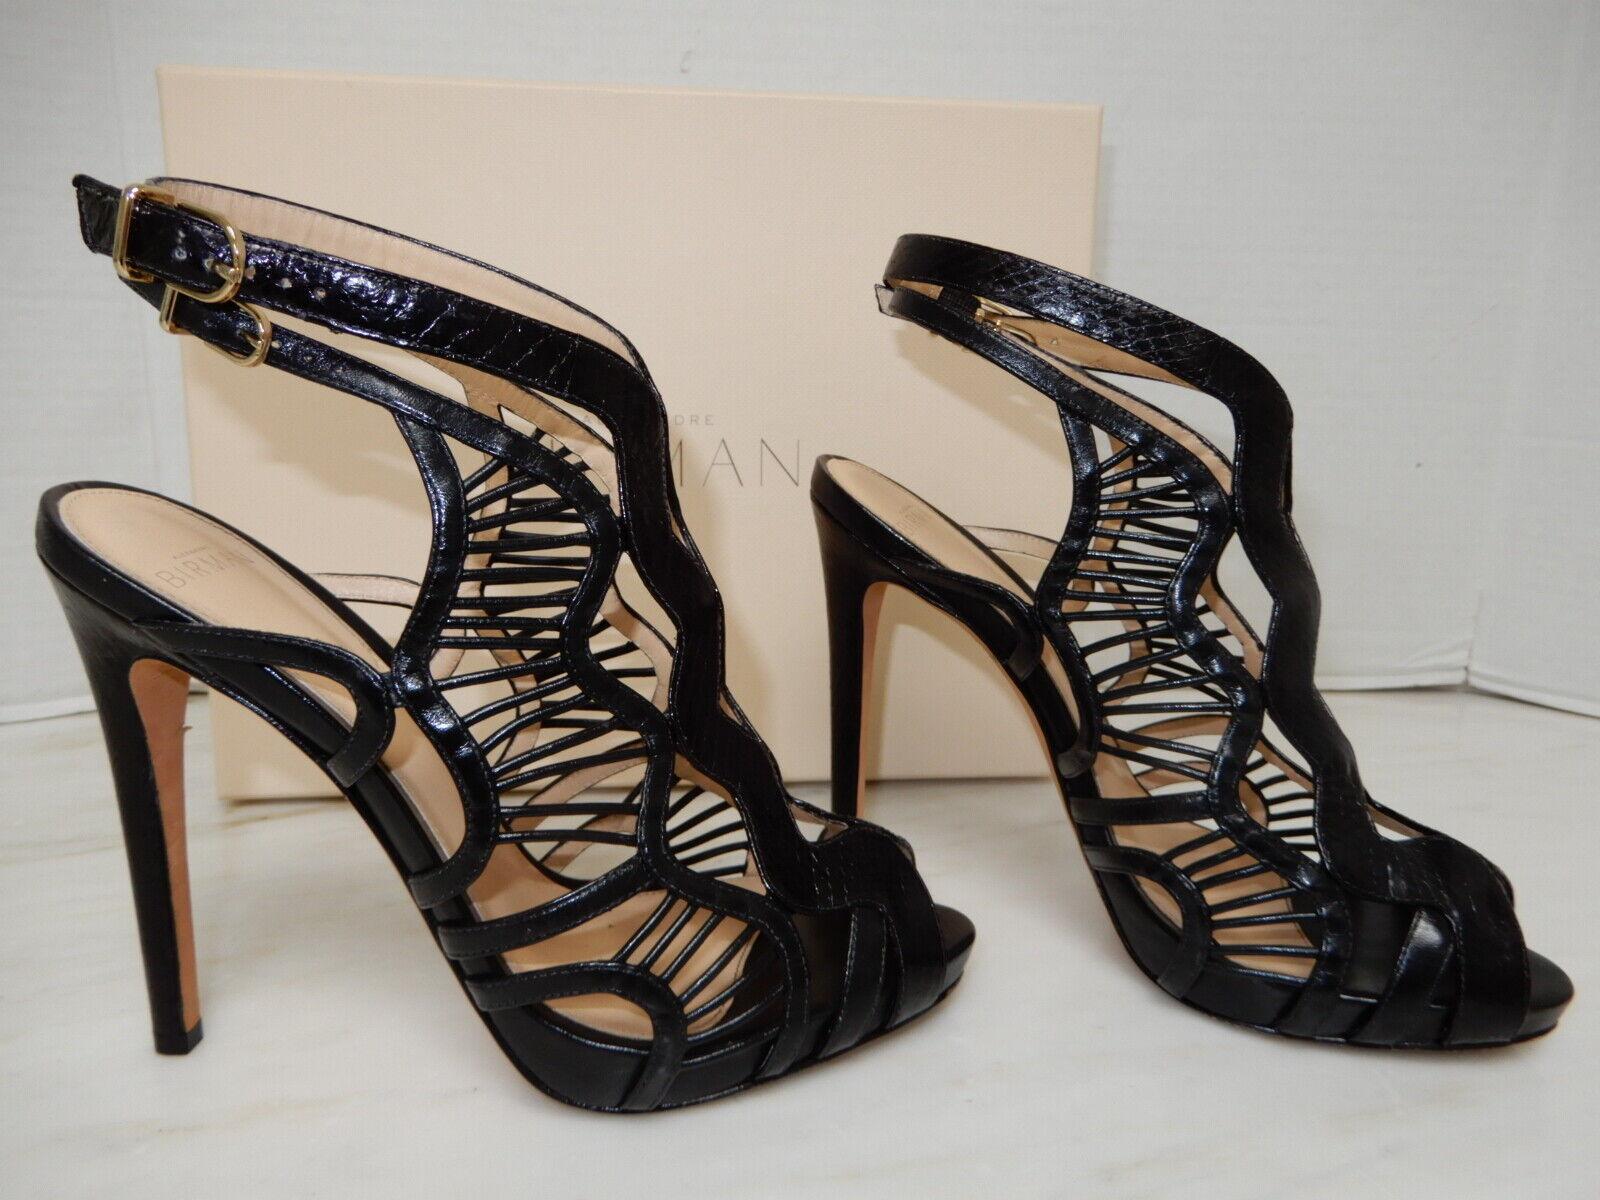 Alexandre Birman  1K Snake skin Booties sandals Heel shoes 38